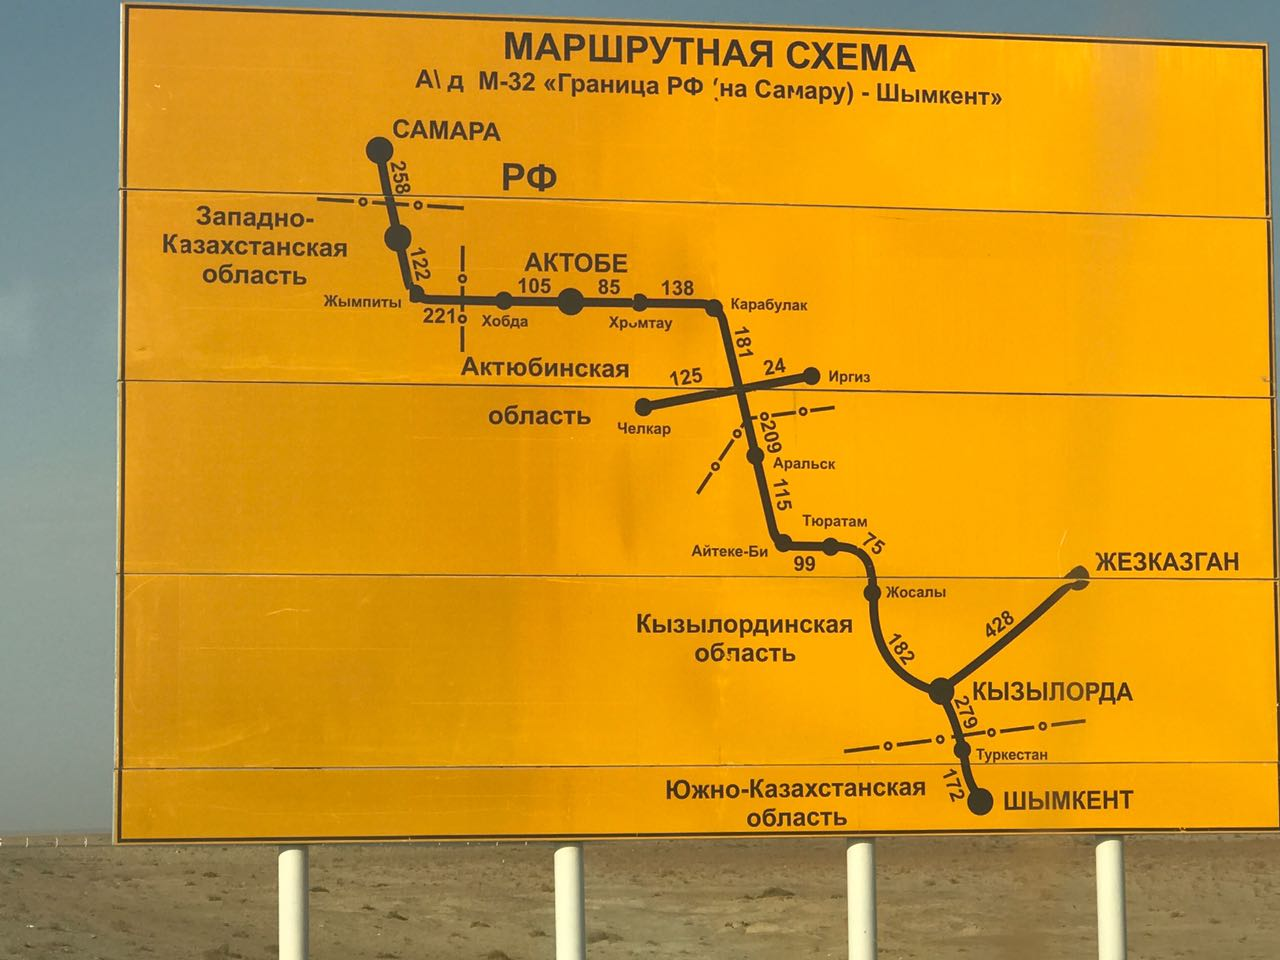 Схема маршрута 51 в актобе